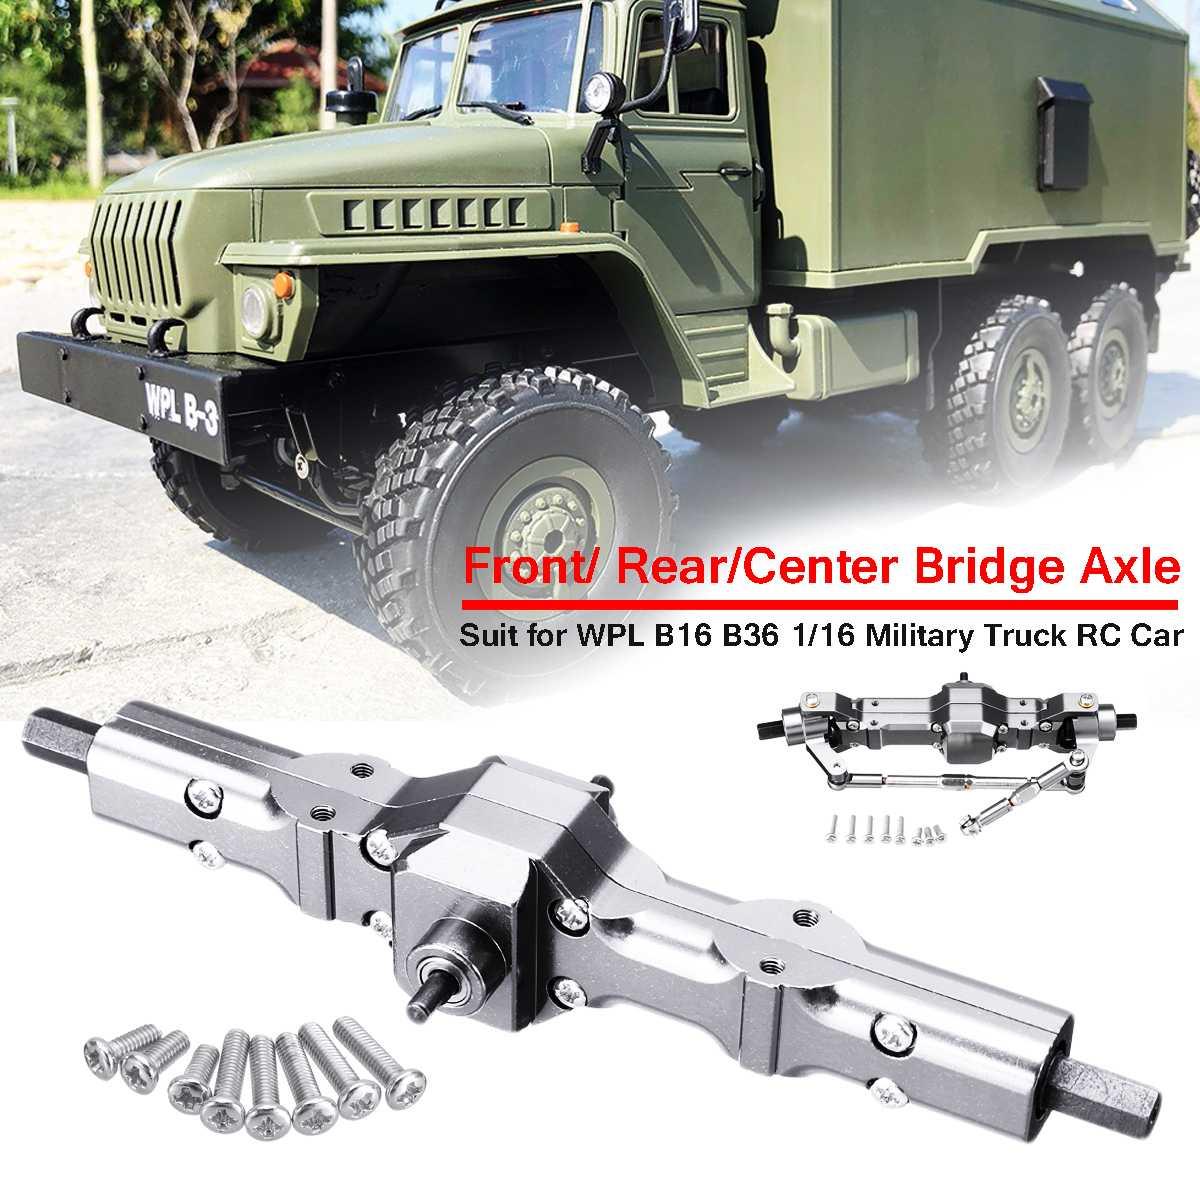 Спереди/сзади/Мост ось часть Набор заменить обновления для WPL 1/16 B16 B36 6WD военный грузовик RC автомобиль Запчасти Алюминий сплава, прочный